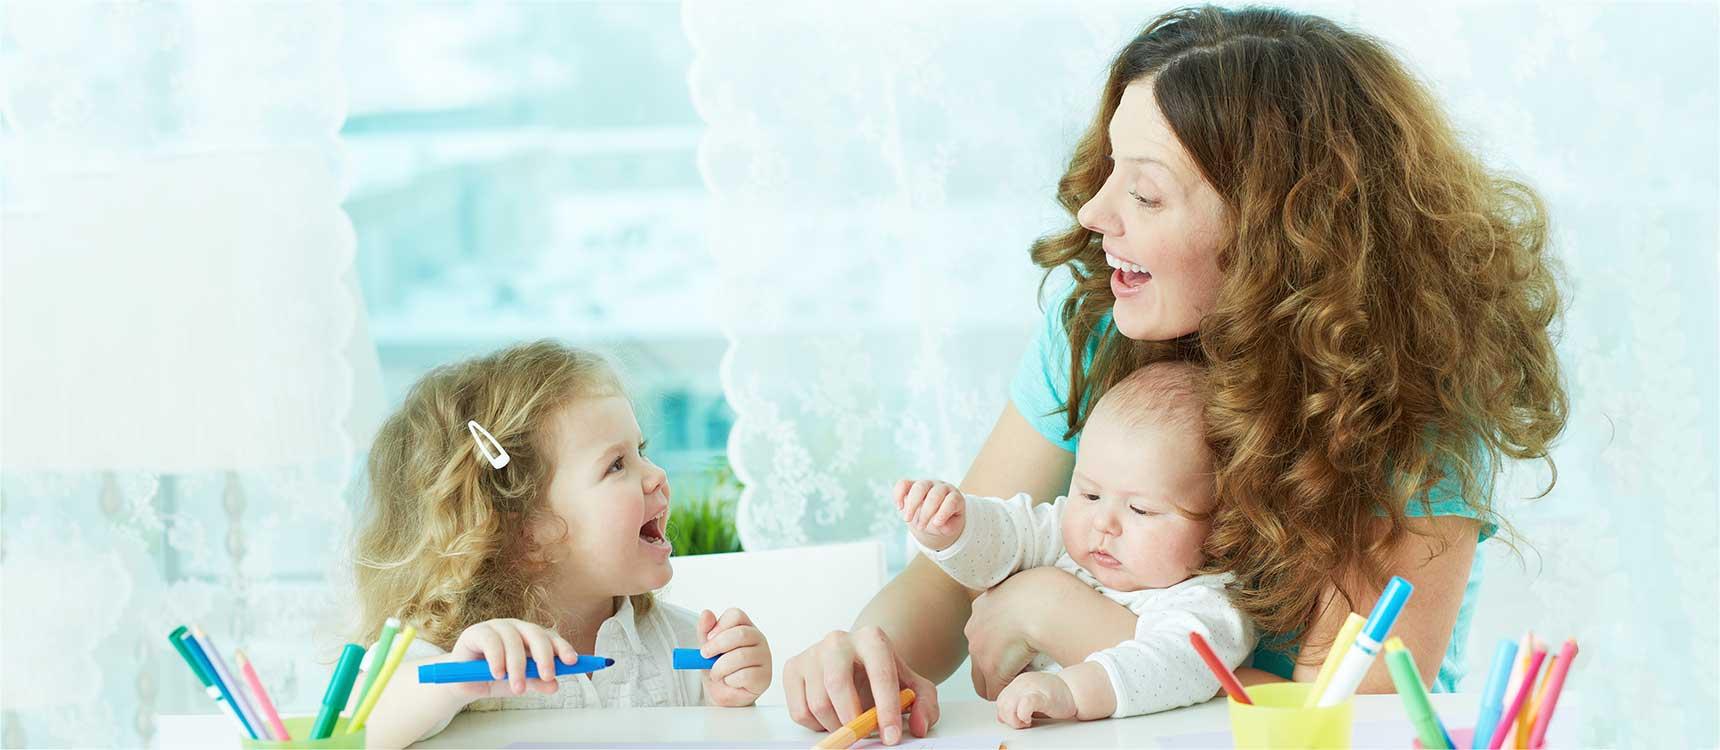 nannies job